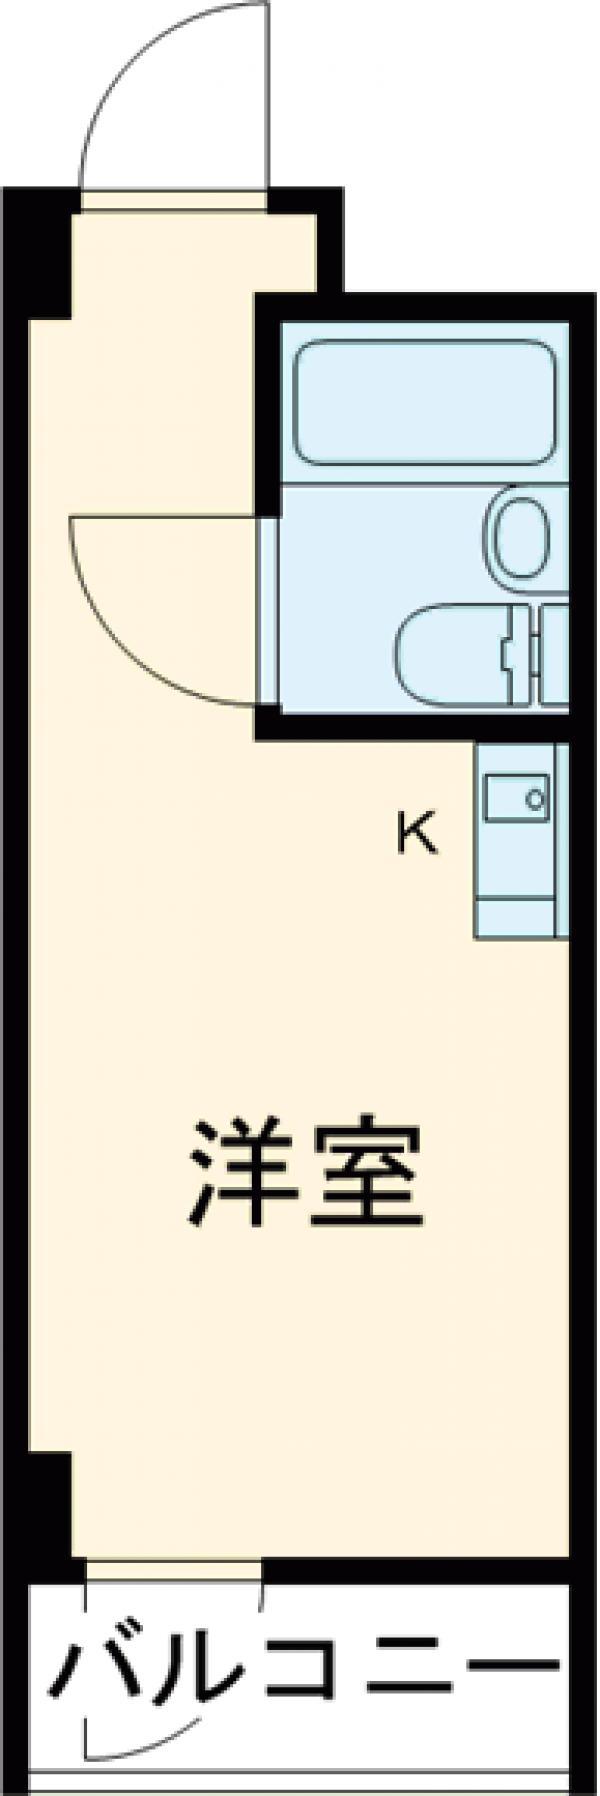 トップルーム品川・515号室の間取り